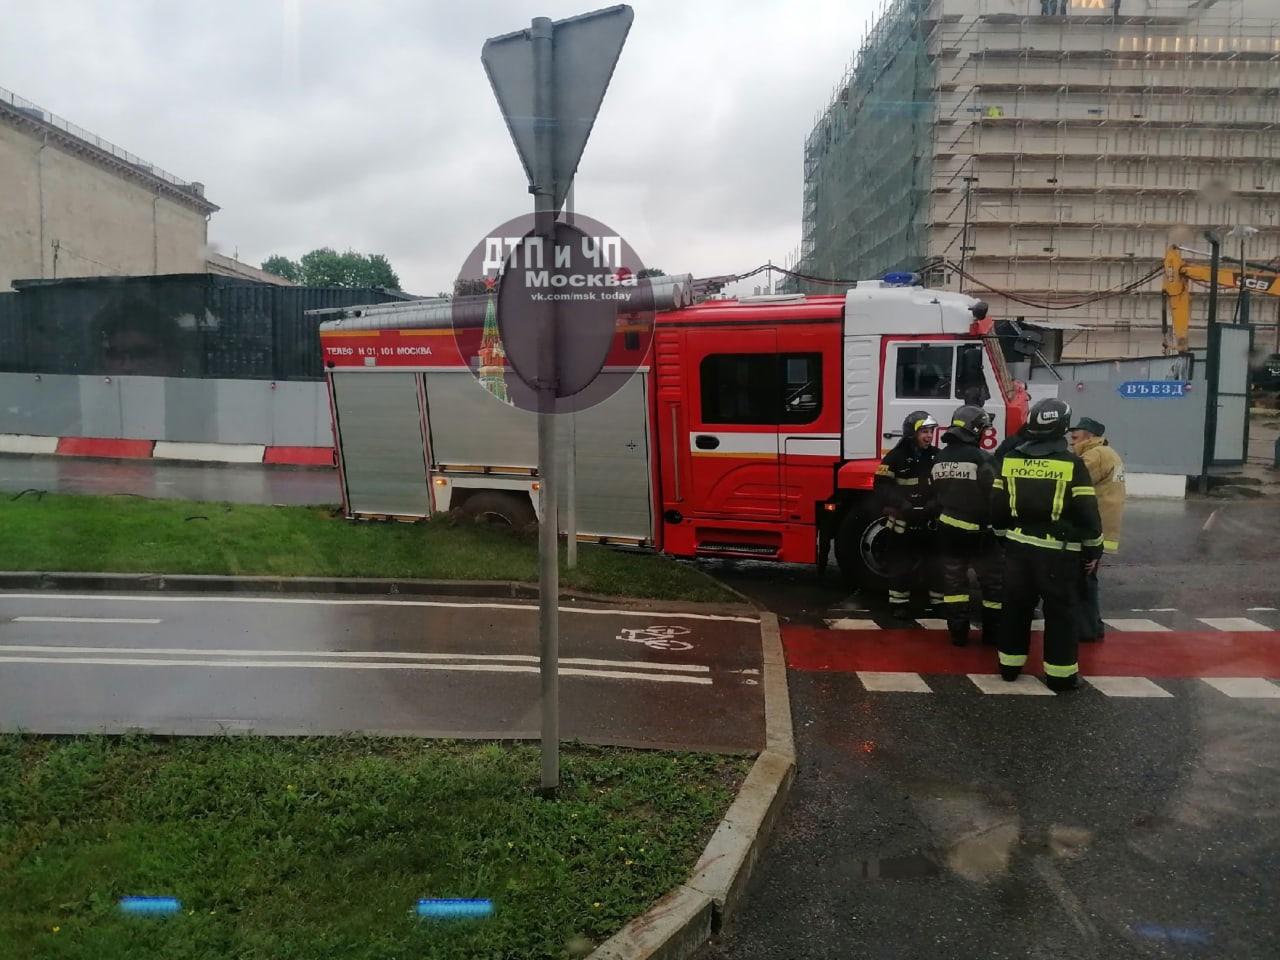 У въезда в «Мосфильм» пожарные немного переоценили свои возможности)